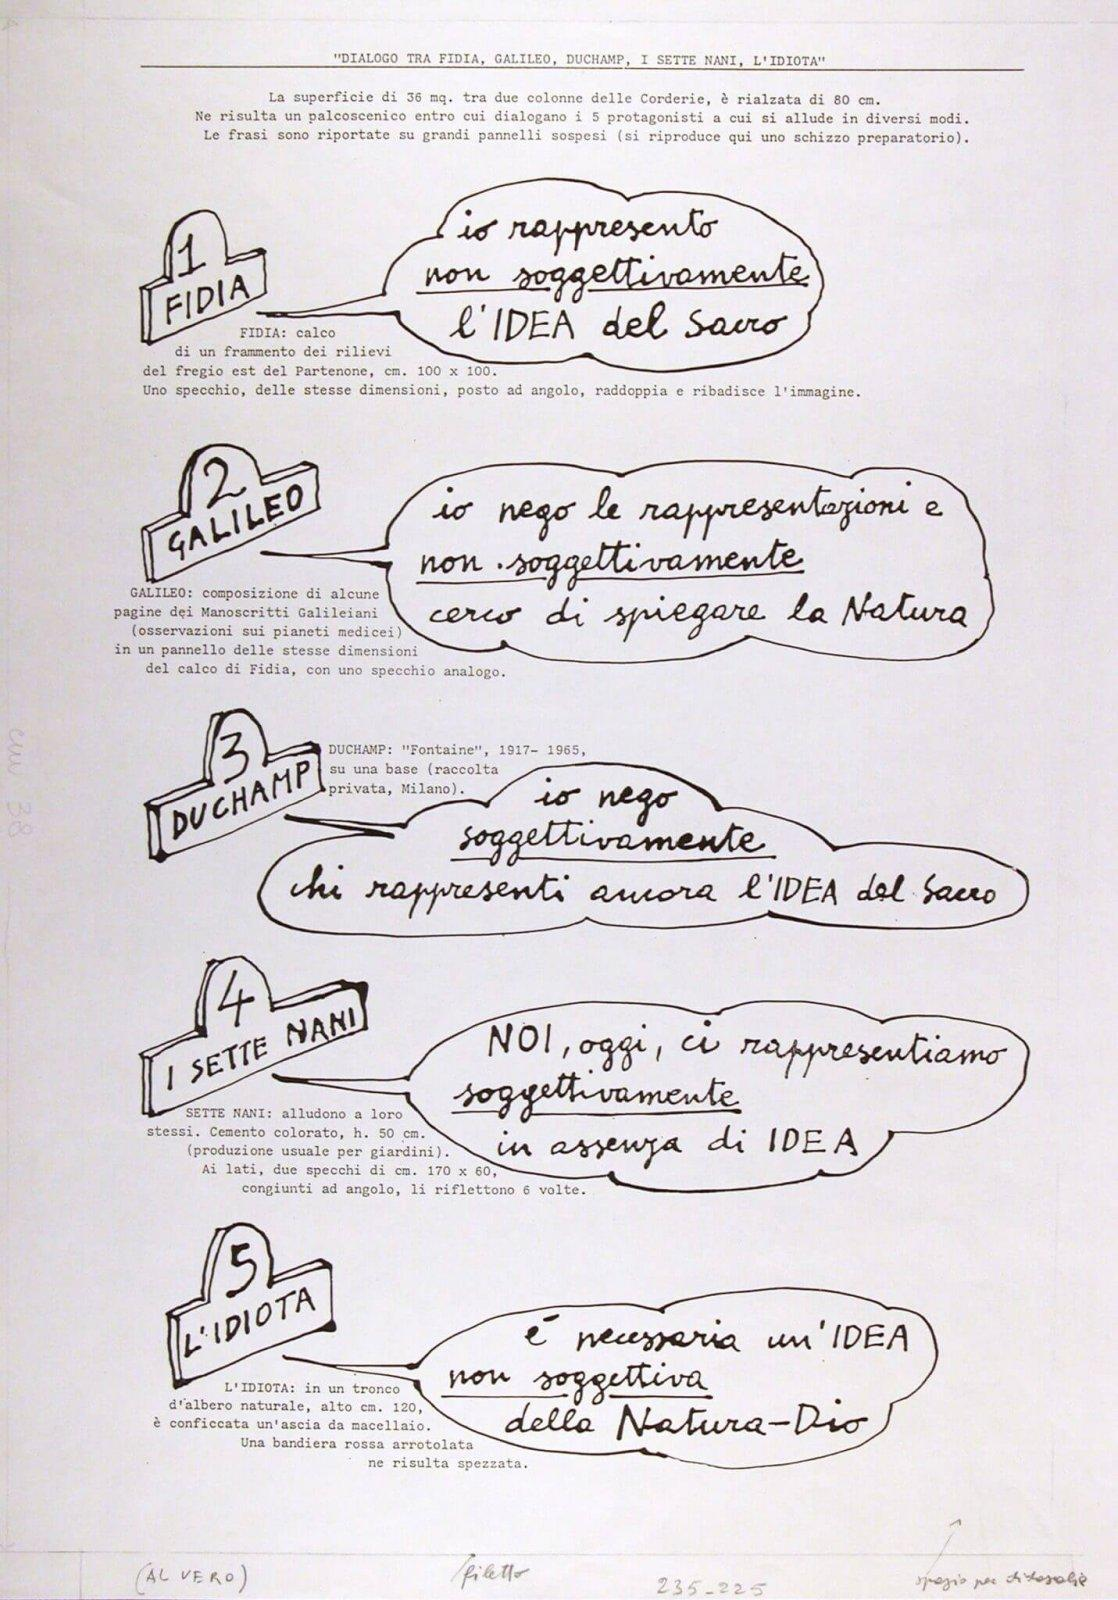 Enzo Mari, Dialogo tra Fidia, Galileo, Duchamp, i Sette Nani, L'Idiota (Progetto di una scena realizzata alla Biennale di Venezia del 1986), 1986, Collezione Galleria Civica di Modena